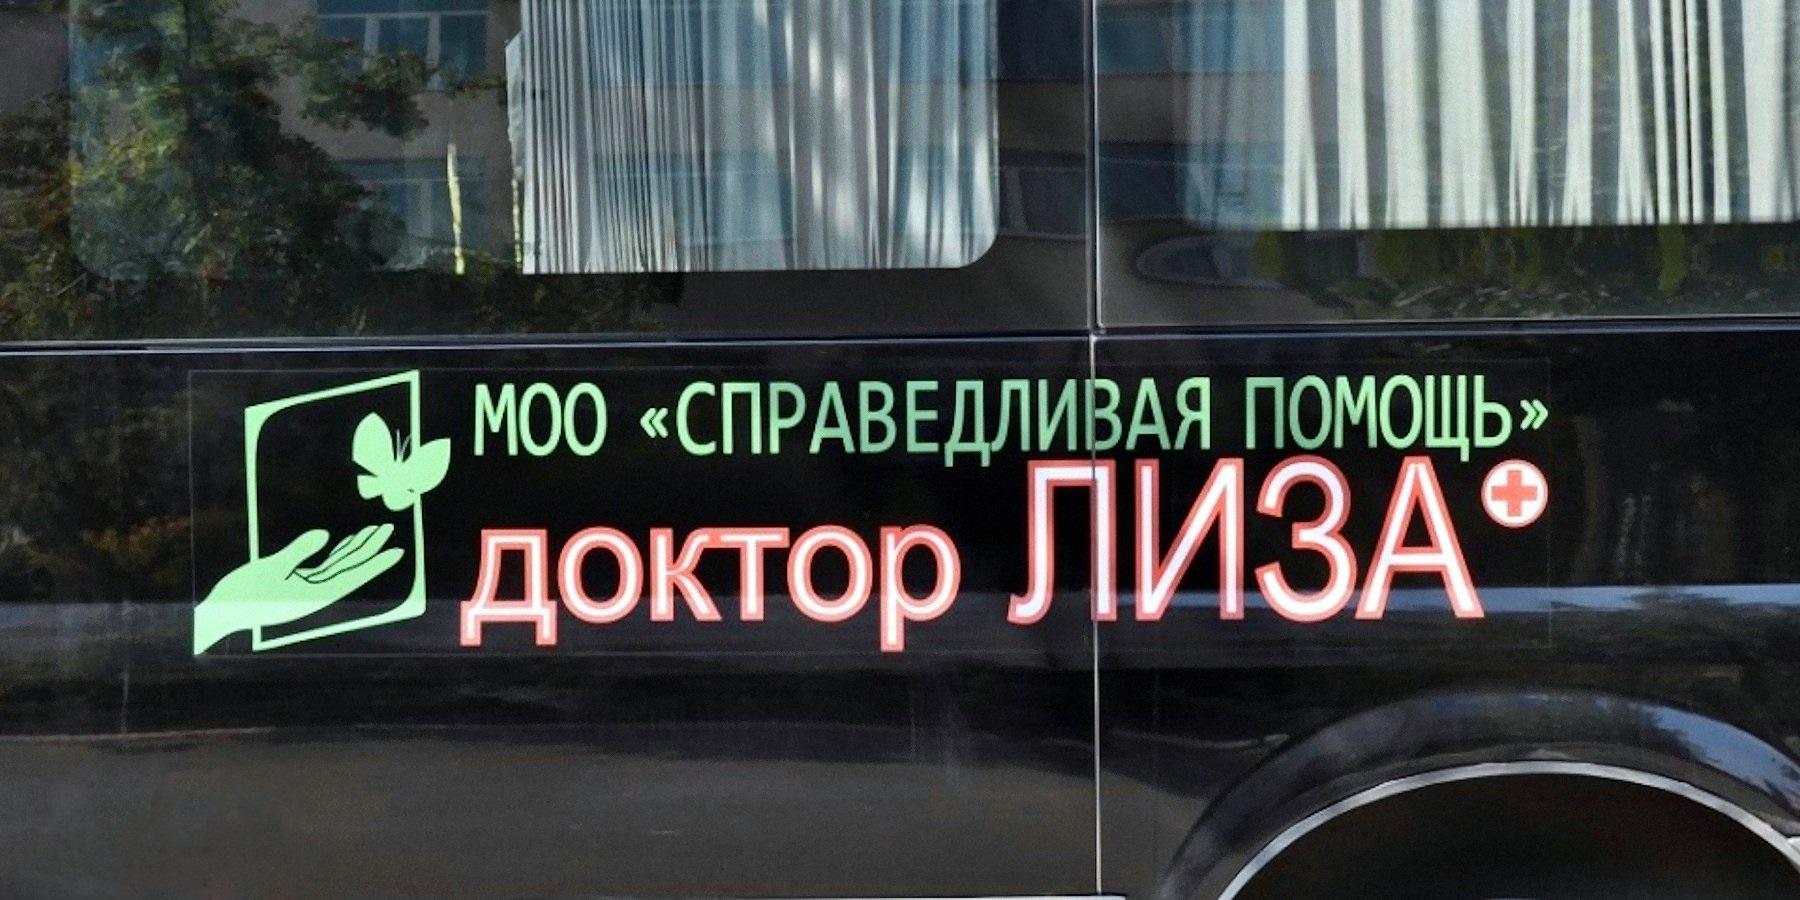 00 Fair Aid Dr Liza Russia 301215